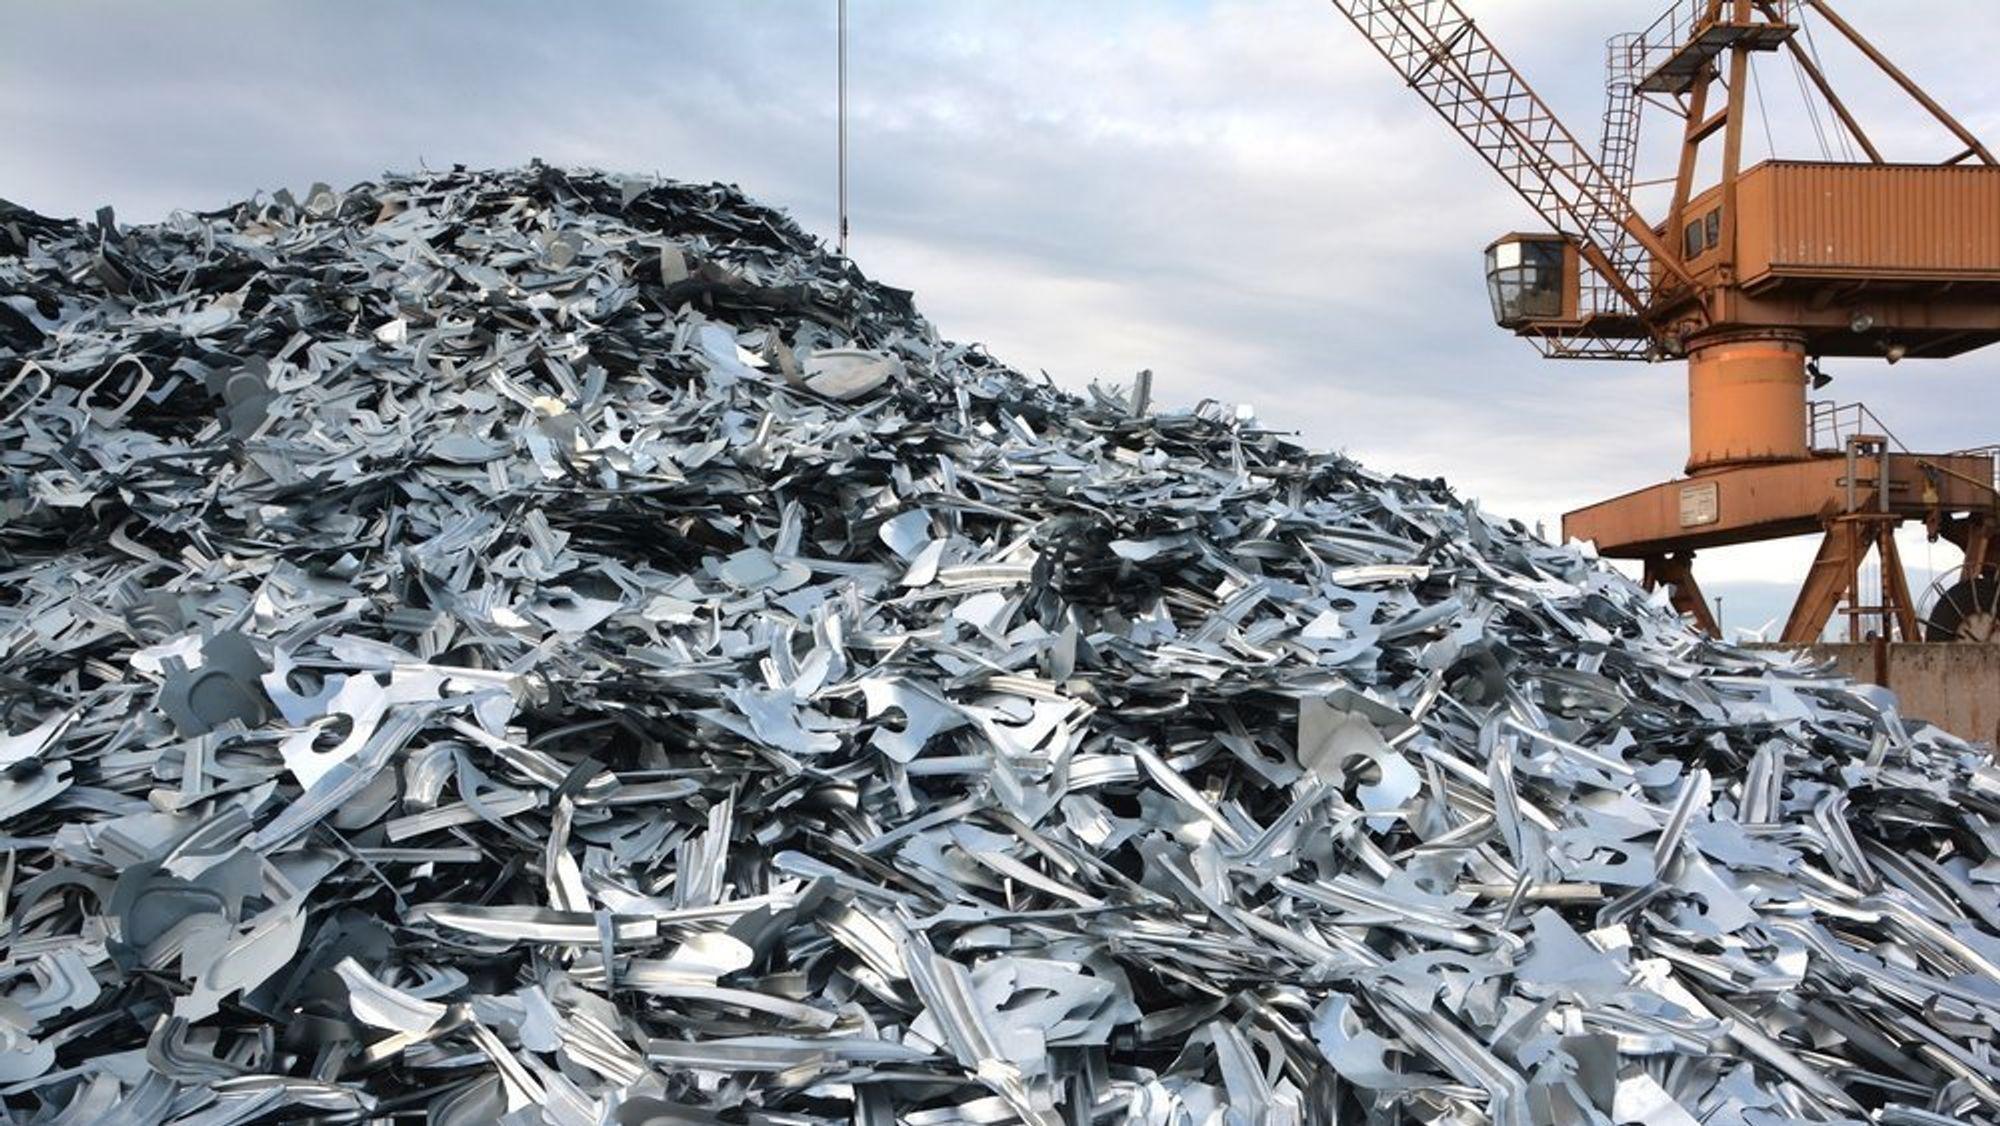 På noen områder er Norge gode på sirkulærøkonomi, skriver artikkelforfatteren. Hydro fokuserer sterkt på resirkulering av aluminiumsskrap, og ser de store muligheter for produkter basert på skrapmetall på kort og lang sikt.